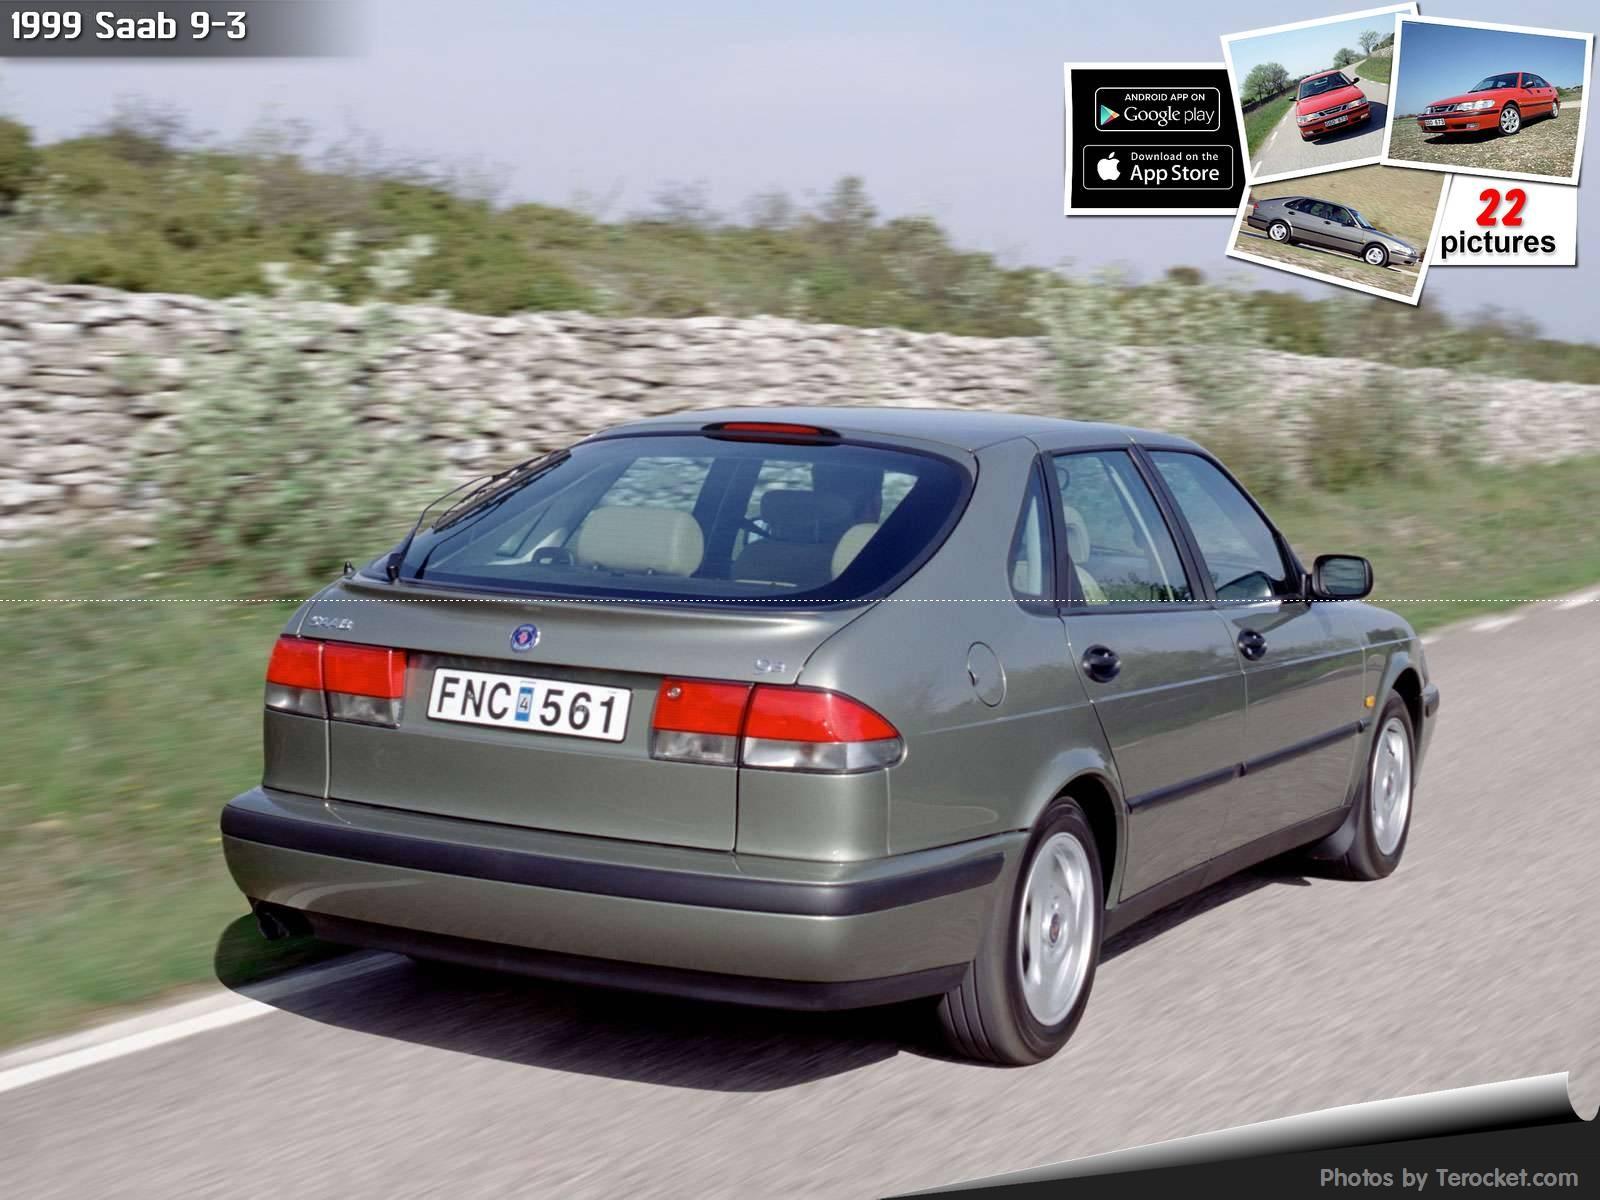 Hình ảnh xe ô tô Saab 9-3 1999 & nội ngoại thất